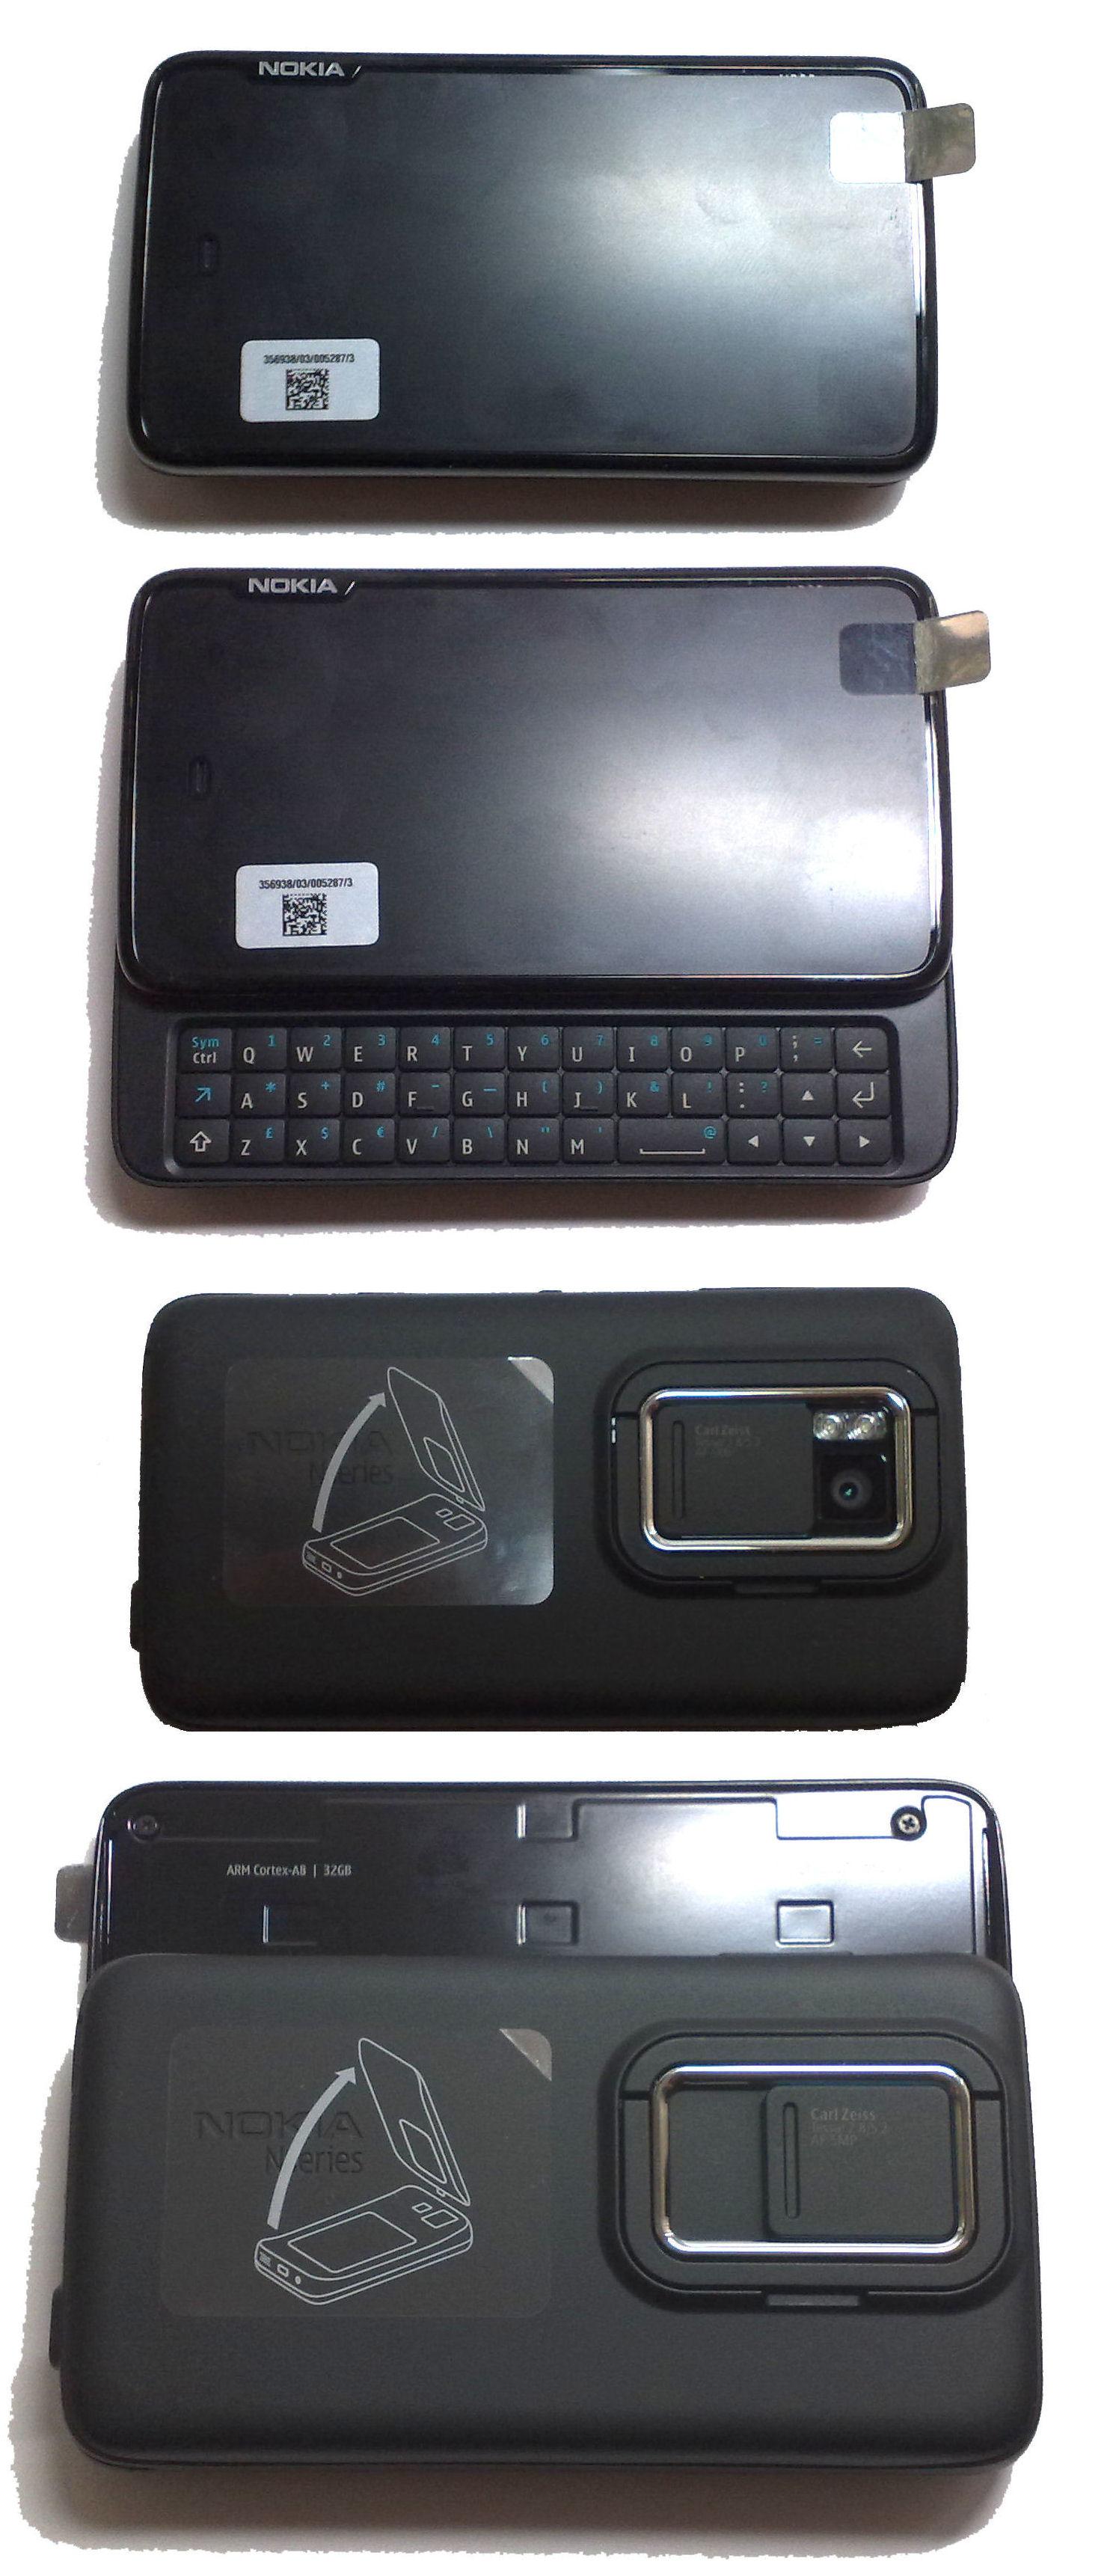 N900 SLIDE